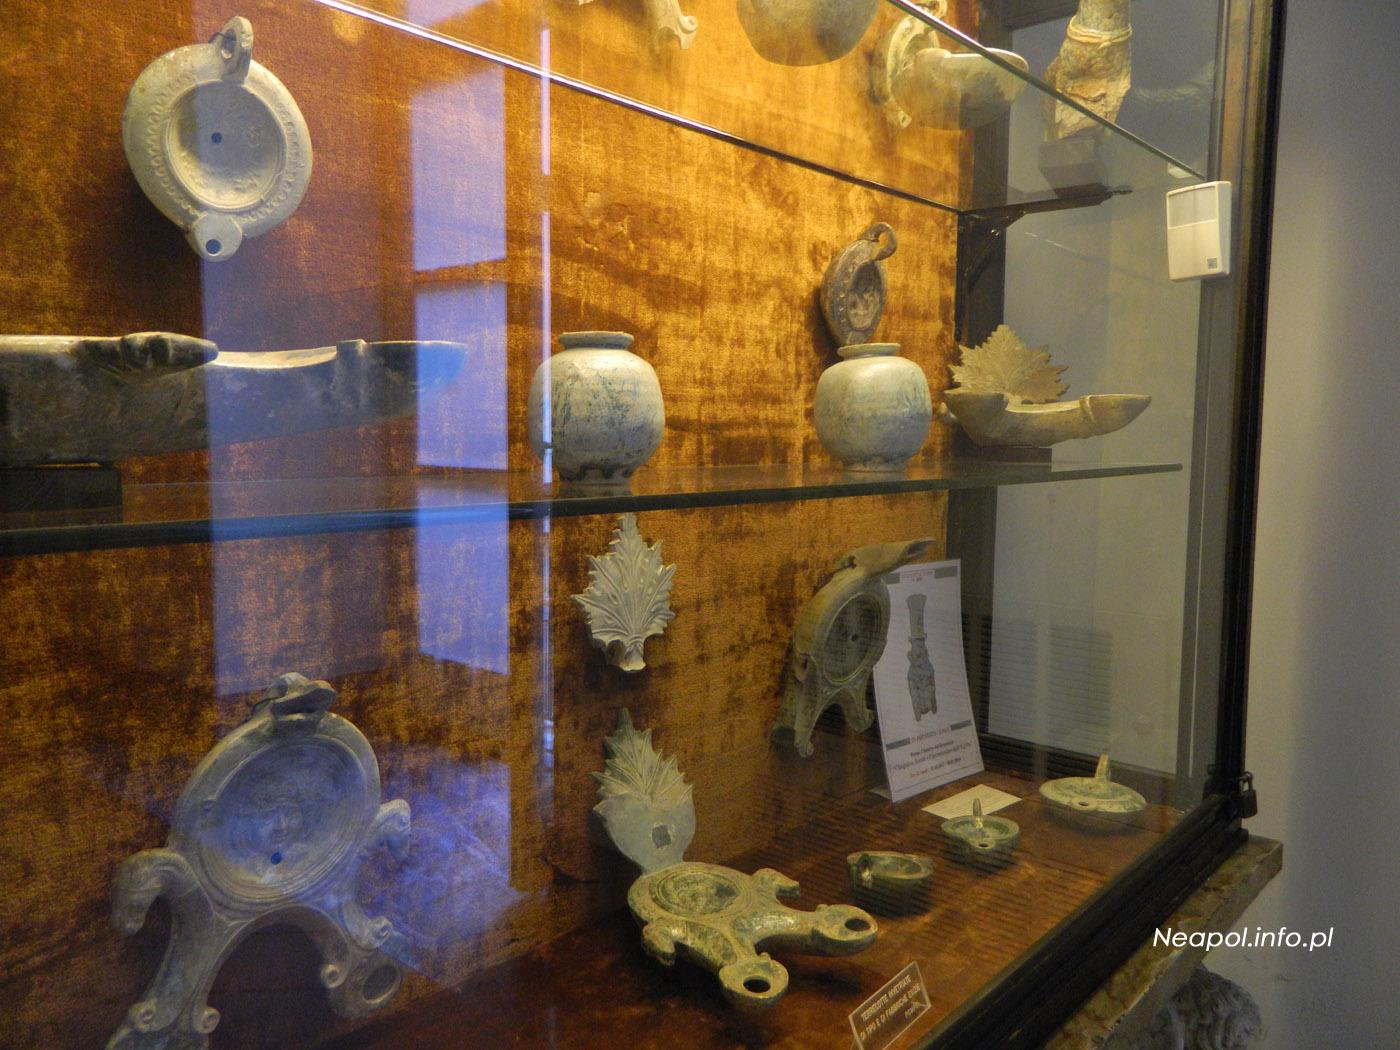 Muzeum Archeologiczne w Neapolu